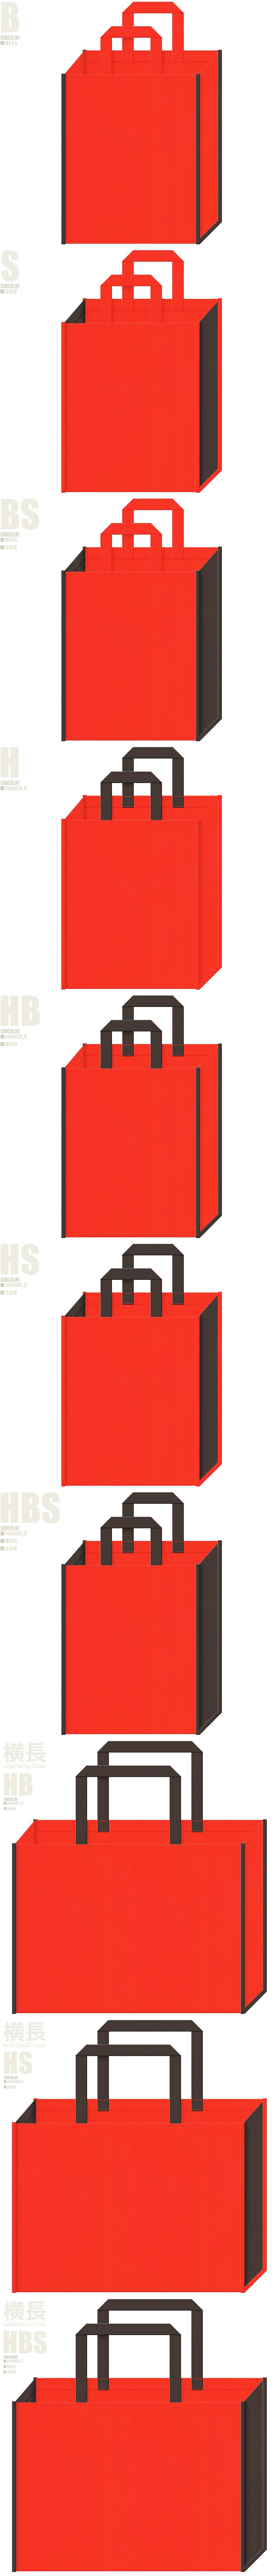 夕焼け・南国リゾート・紅茶・ハロウィンにお奨めの不織布バッグデザイン:オレンジ色とこげ茶色の配色7パターン